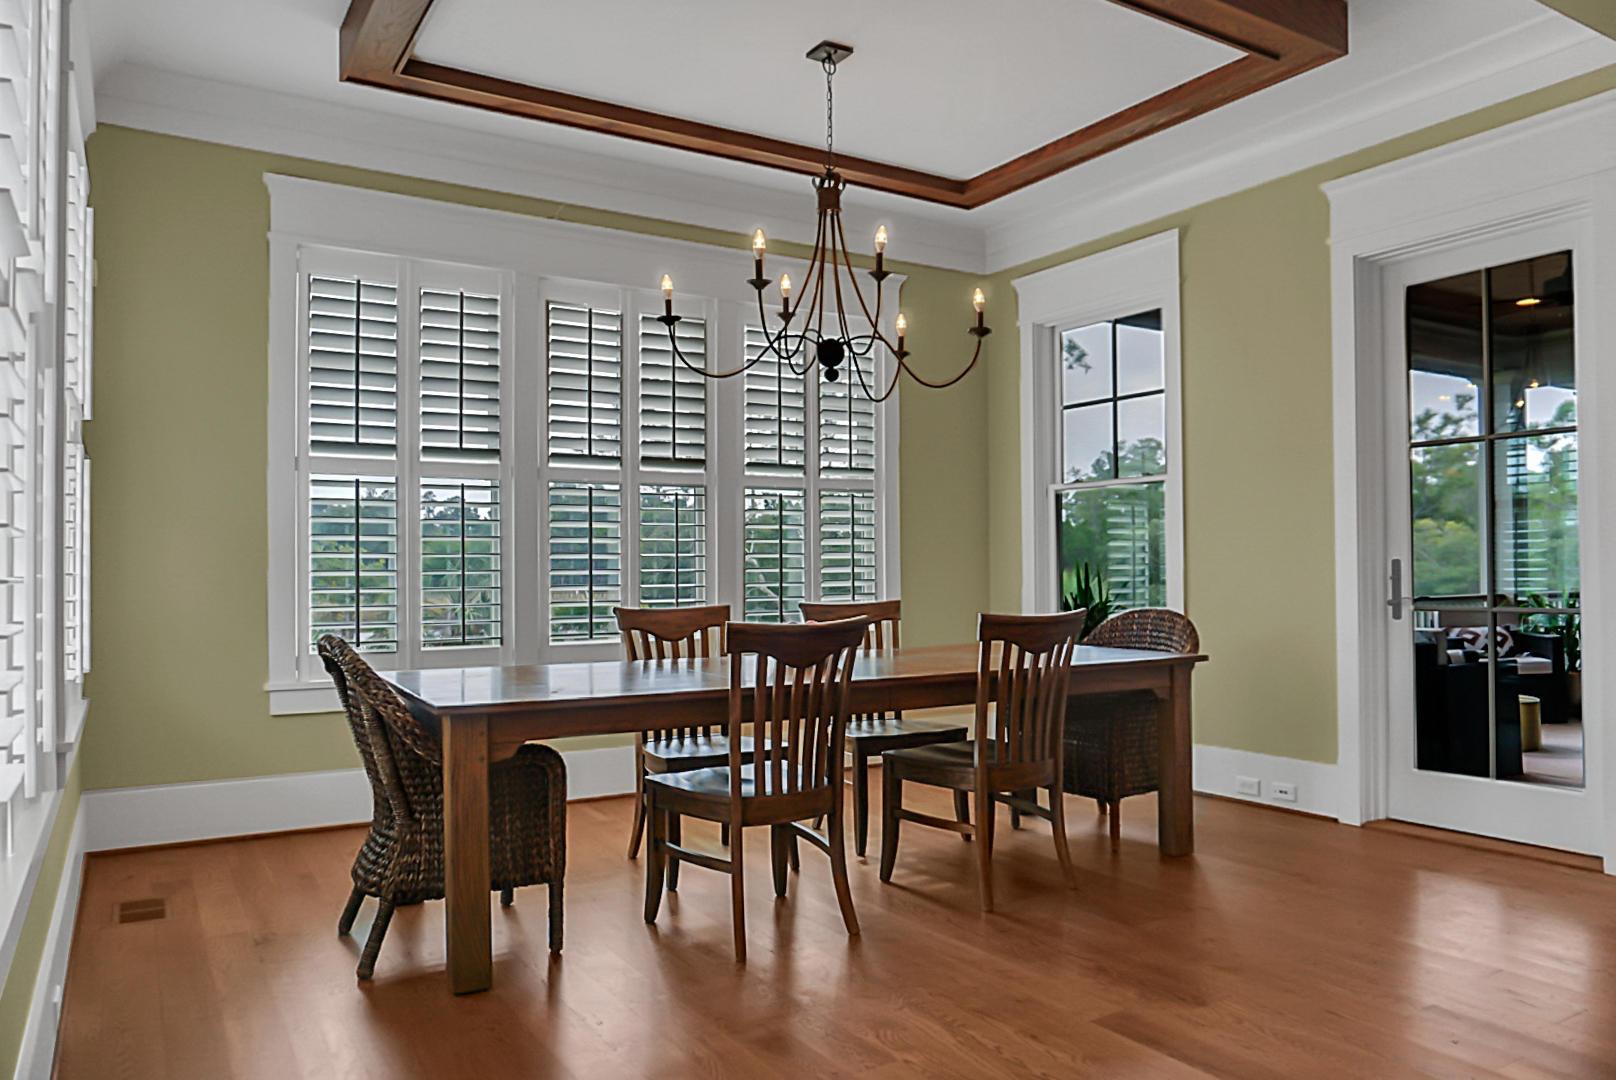 Dunes West Homes For Sale - 2978 River Vista, Mount Pleasant, SC - 63